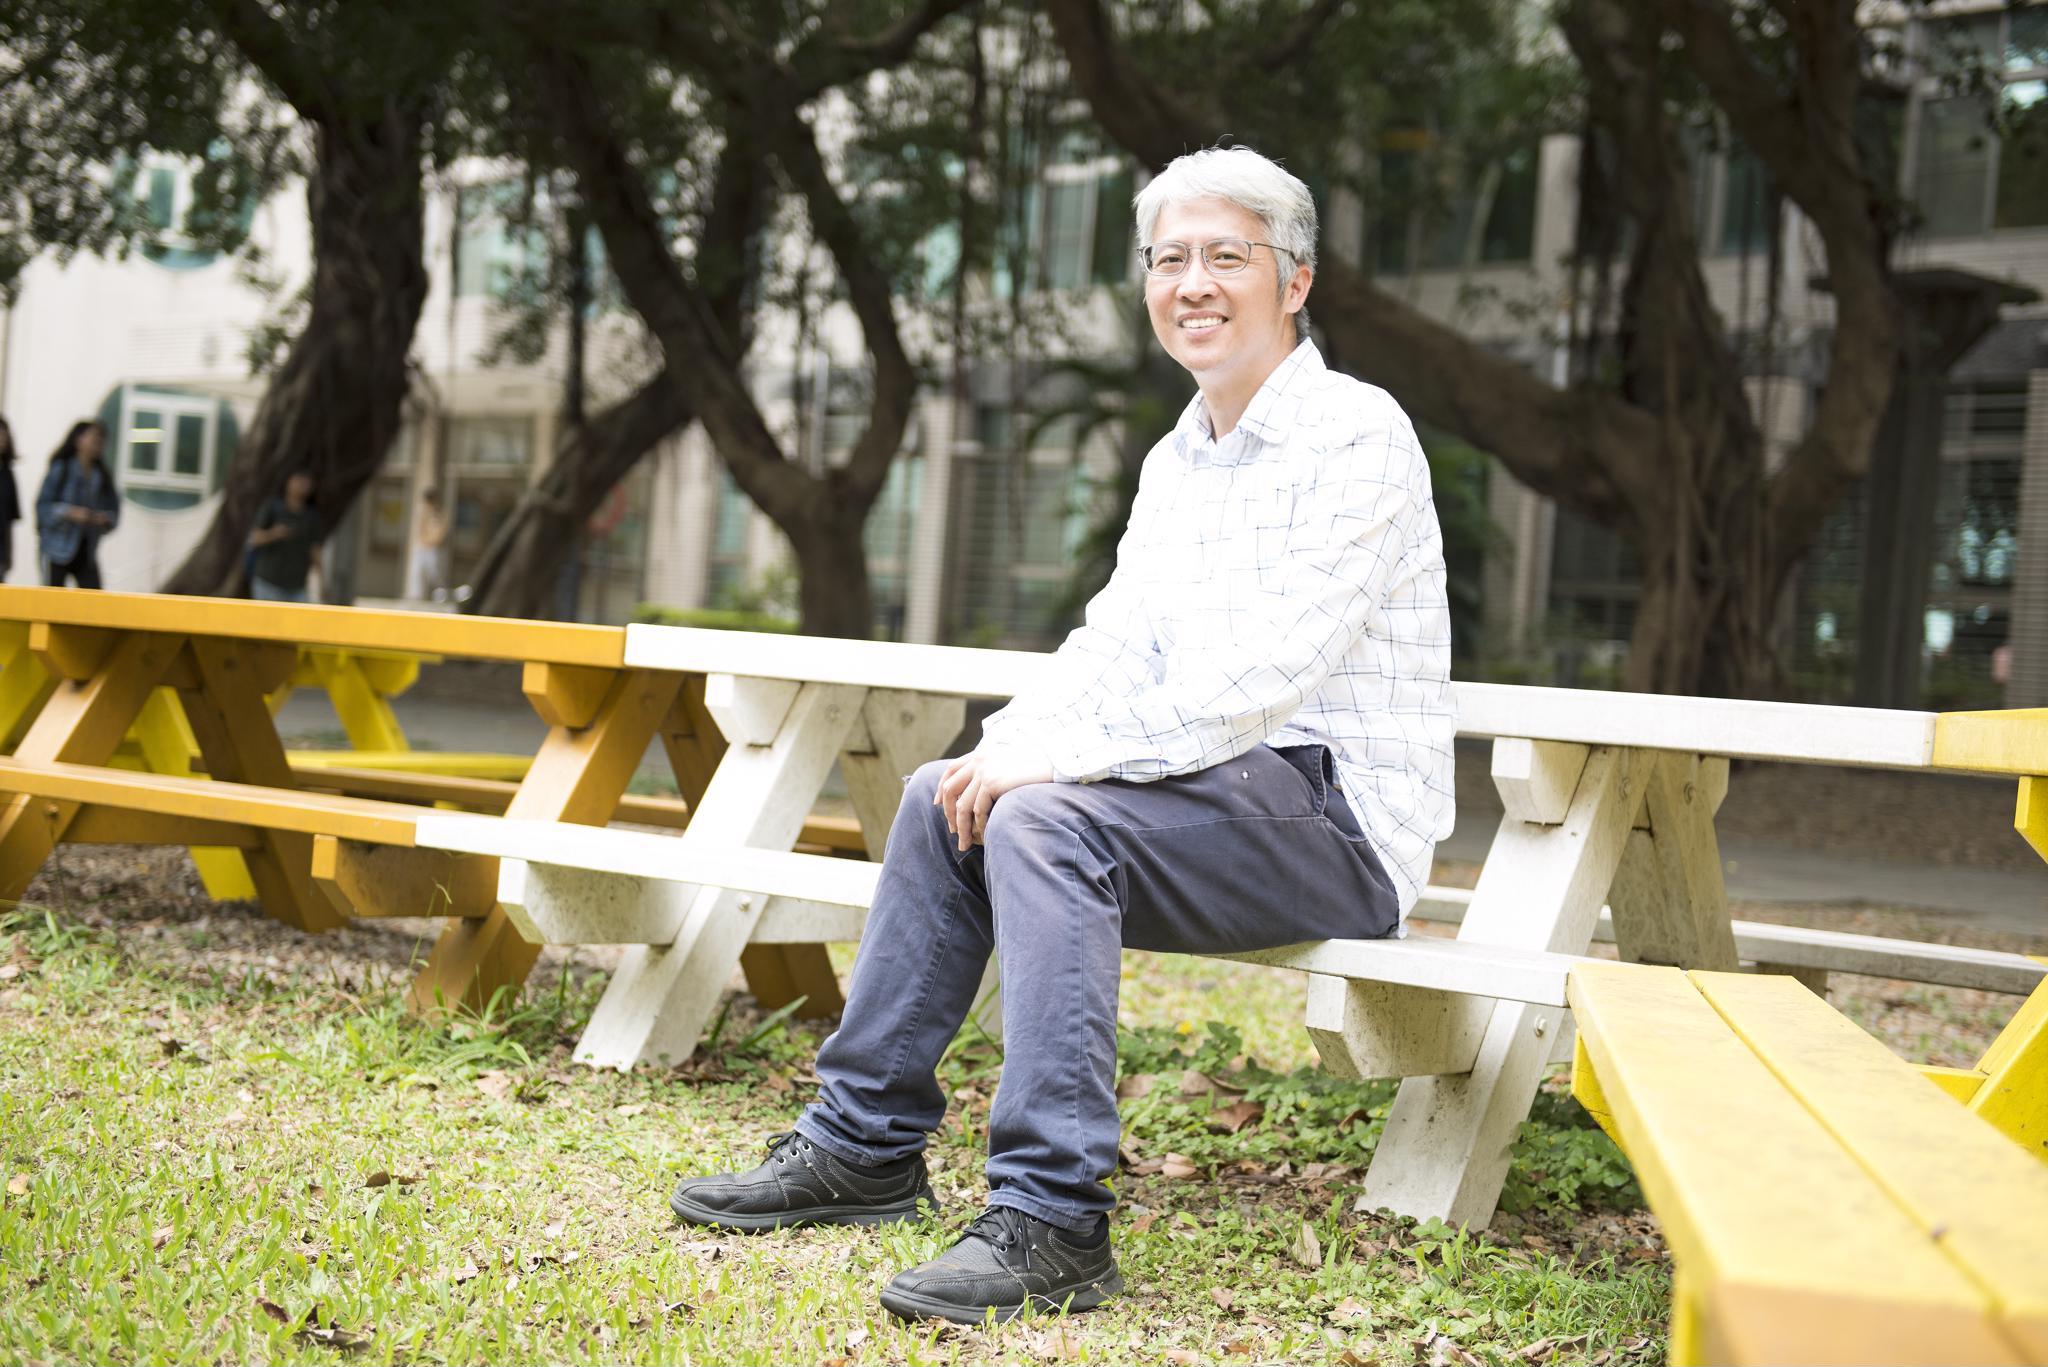 《107學年度優良導師專題報導》 化工系楊大毅:真實體驗,創造豐富人生!